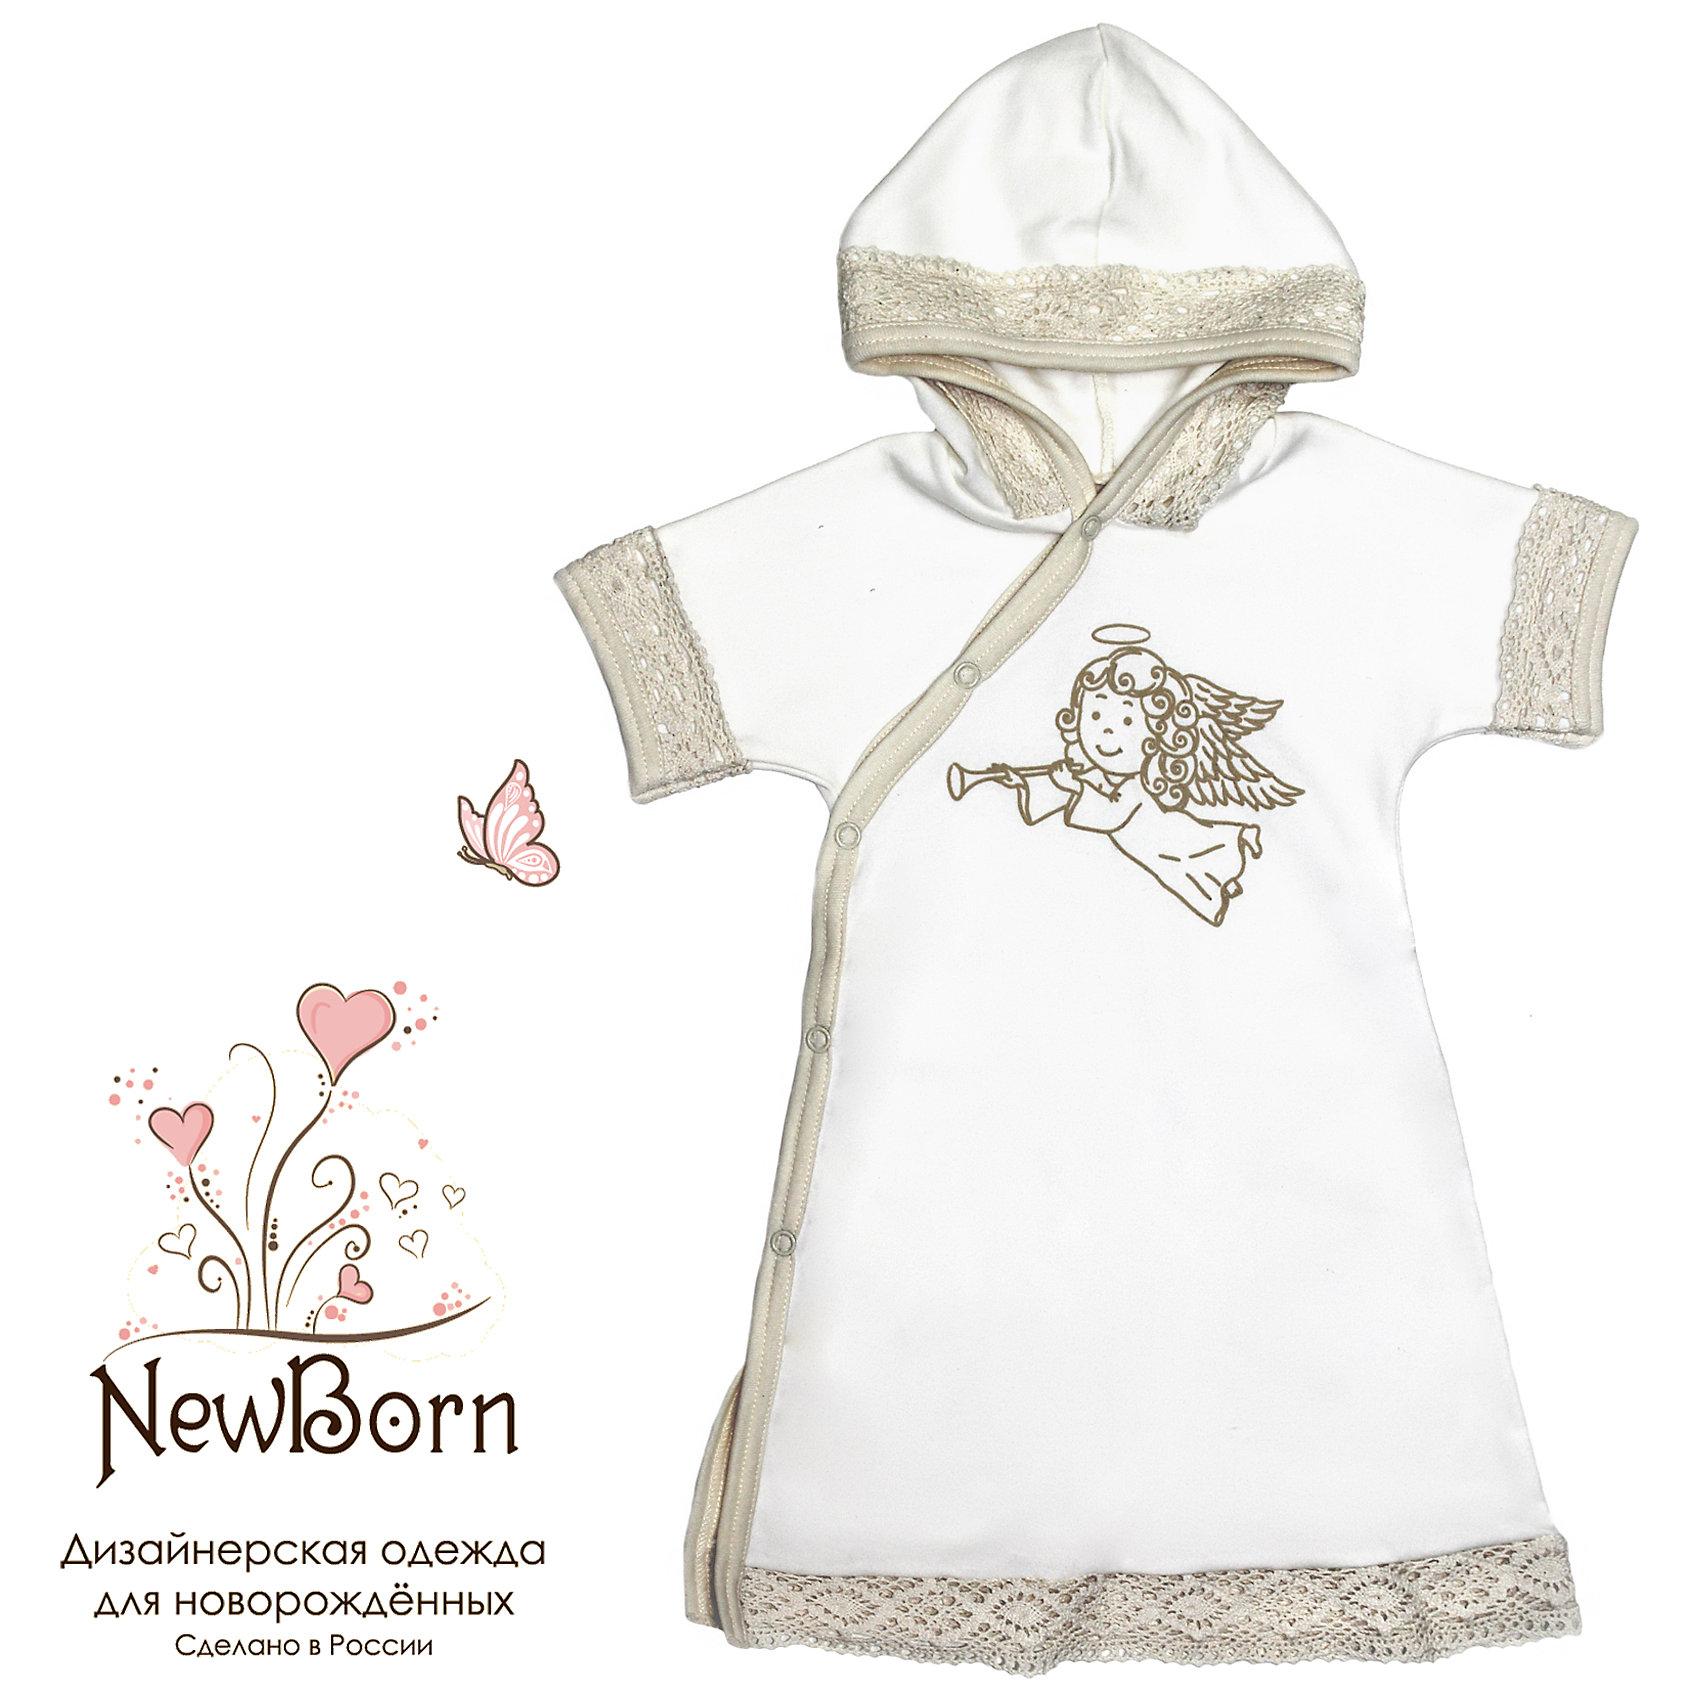 Крестильное платье с капюшоном, тесьма, р-р 80, NewBorn, белыйПлатья<br>Характеристики:<br><br>• Вид детской одежды: платье с капюшоном<br>• Предназначение: для крещения<br>• Коллекция: NewBorn<br>• Сезон: круглый год<br>• Пол: для девочки<br>• Тематика рисунка: ангелы<br>• Размер: 80<br>• Цвет: белый, золотистый<br>• Материал: трикотаж, хлопок<br>• Длина рукава: короткие<br>• Запах: спереди<br>• Застежка: спереди на кнопке<br>• Наличие капюшона<br>• Декорировано широкой тесьмой из шитья <br>• Передняя полочка украшена термонаклейкой в виде ангела<br>• Особенности ухода: допускается деликатная стирка без использования красящих и отбеливающих средств<br><br>Крестильное платье с капюшоном, тесьма, р-р 80, NewBorn, белый из коллекции NewBorn от отечественного швейного производства ТексПром предназначено для создания праздничного образа девочки во время торжественного обряда крещения. Платье представлено в коллекции NewBorn, которая сочетает в себе классические и современные тенденции в мире моды для новорожденных, при этом при технологии изготовления детской одежды сохраняются самые лучшие традиции: свободный крой, внешние швы и натуральные ткани. Платье с короткими рукавами и капюшоном выполнено из трикотажа, все края обработаны трикотажной бейкой золотистого цвета. Изделие имеет передний запах с застежками на кнопках, что обеспечивает его легкое одевание. Праздничный образ создается за счет отделки рукавов, капюшона и низа платья широким кружевом золотистого цвета и термонаклейки на передней полочке в виде ангела. <br><br>Крестильное платье с капюшоном, тесьма, р-р 80, NewBorn, белый можно купить в нашем интернет-магазине.<br><br>Ширина мм: 220<br>Глубина мм: 5<br>Высота мм: 400<br>Вес г: 200<br>Возраст от месяцев: 9<br>Возраст до месяцев: 12<br>Пол: Женский<br>Возраст: Детский<br>SKU: 4912518